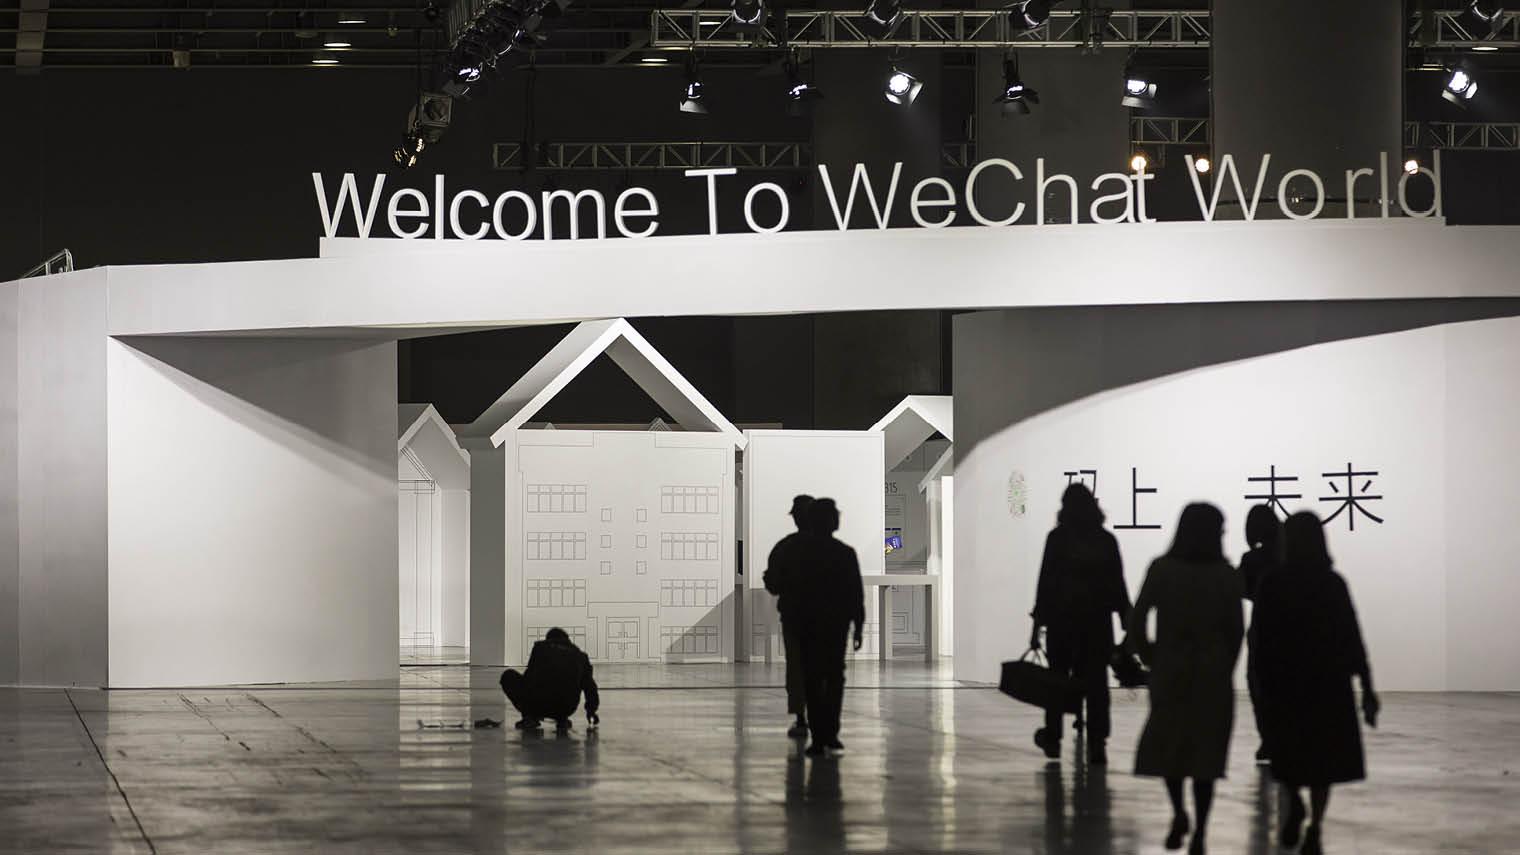 WeChat world